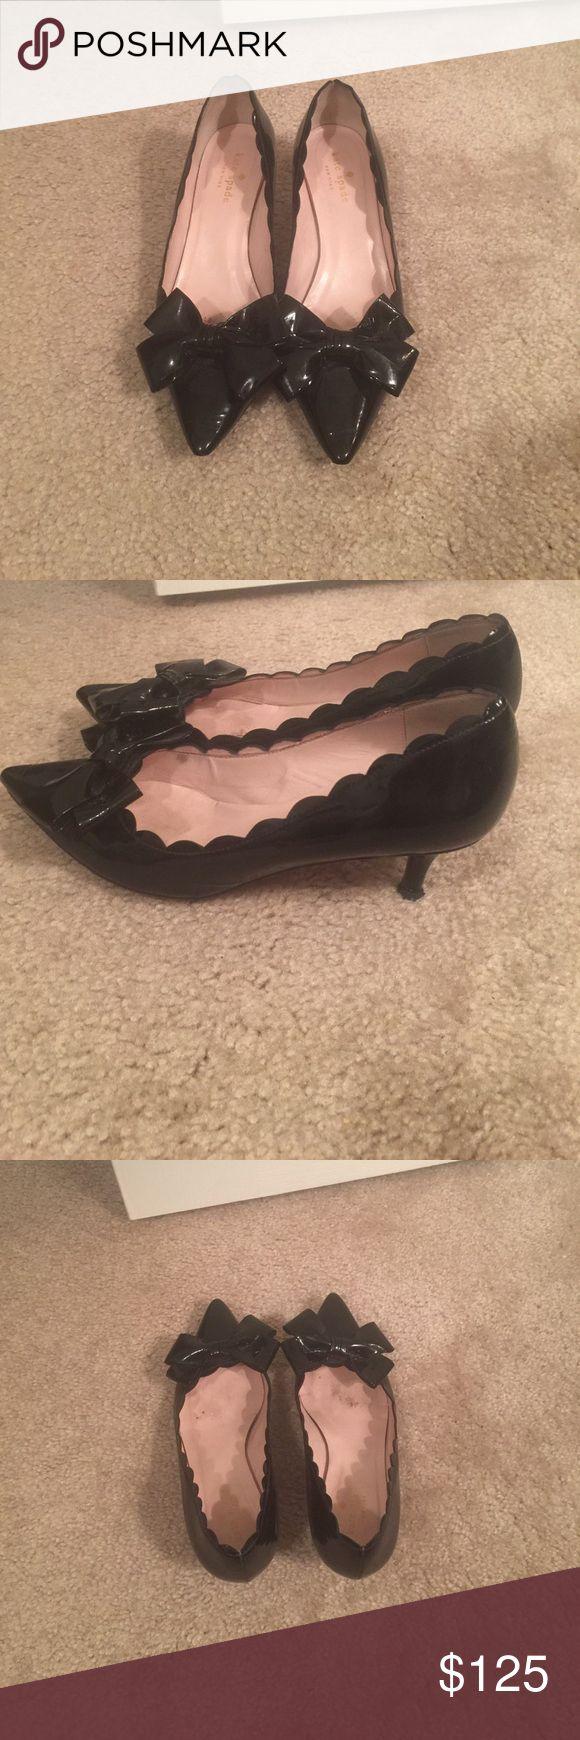 FLASH SALE 💕💕Kate spade heels 6 1/2 super cute! kate spade Shoes Heels